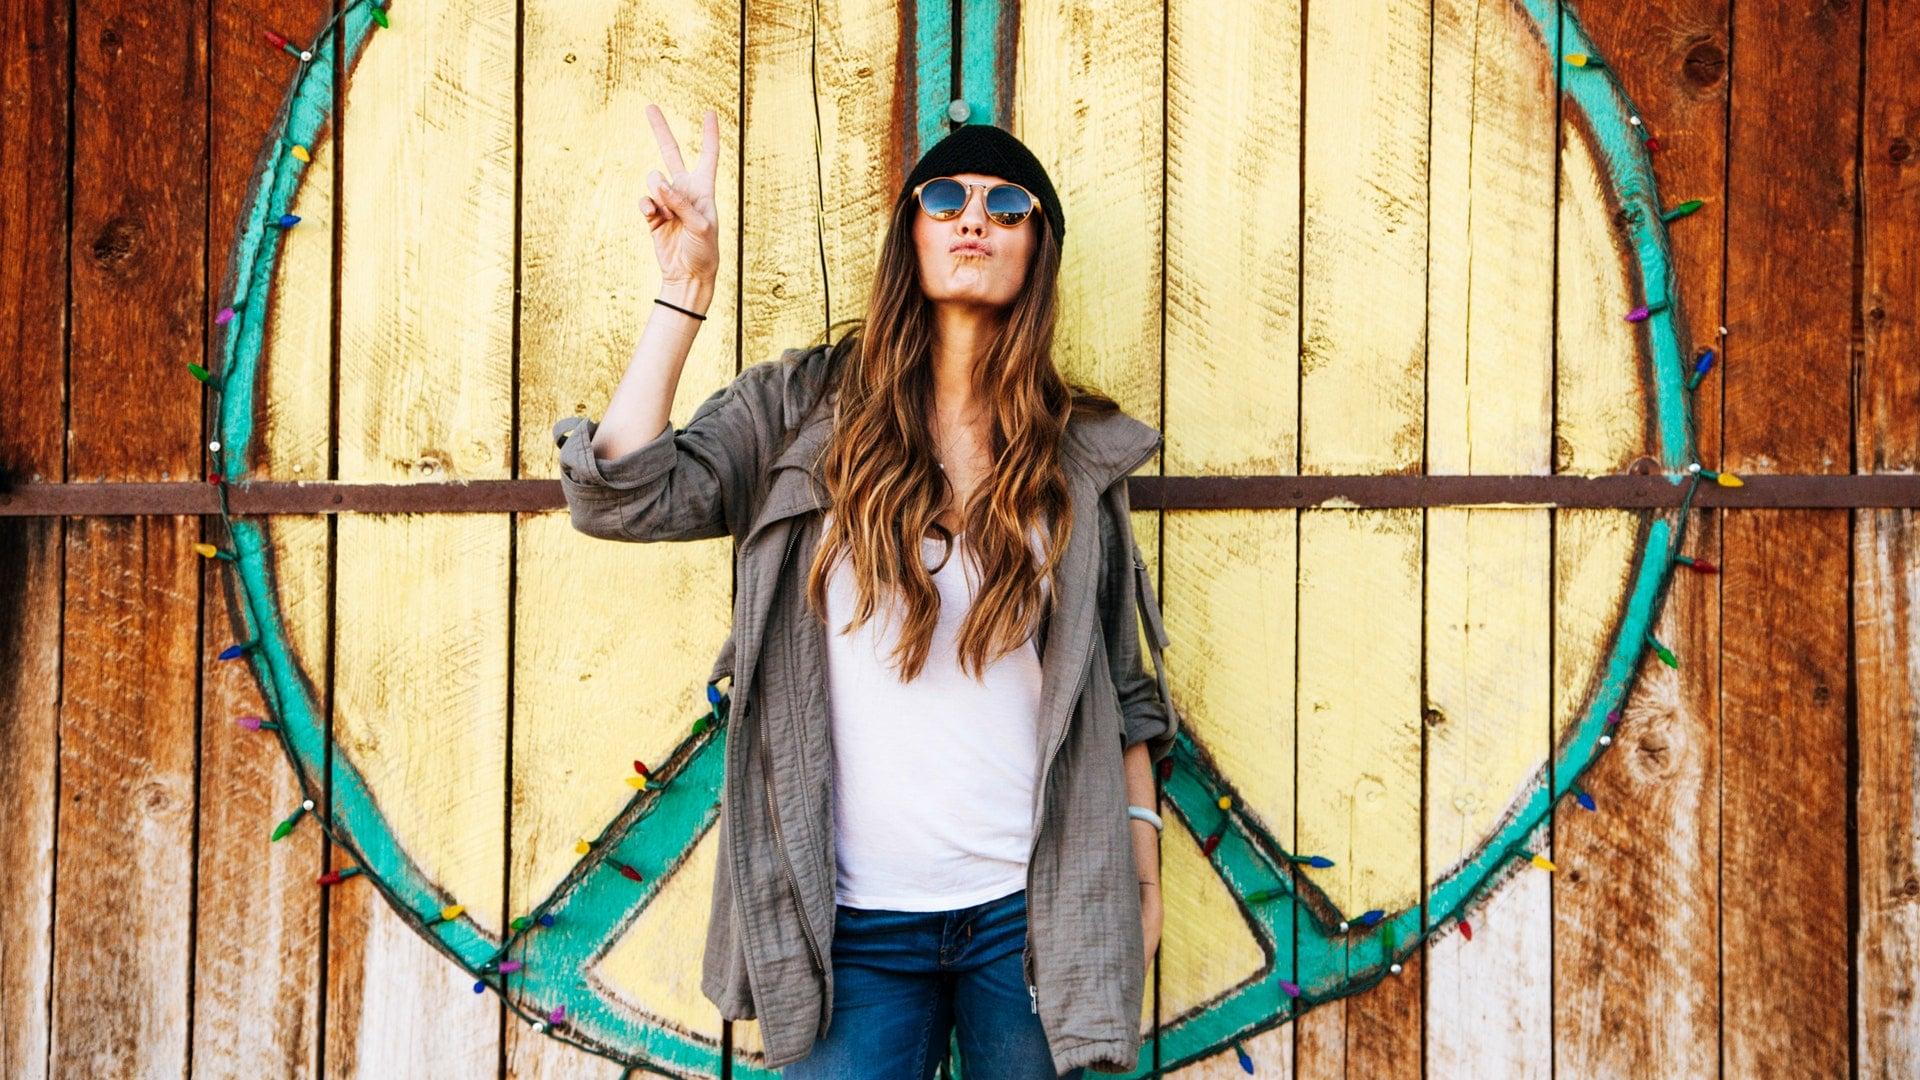 pexels-photo-736603- een vrouw met een zonnebril doet het peace symbool voor het peace teken